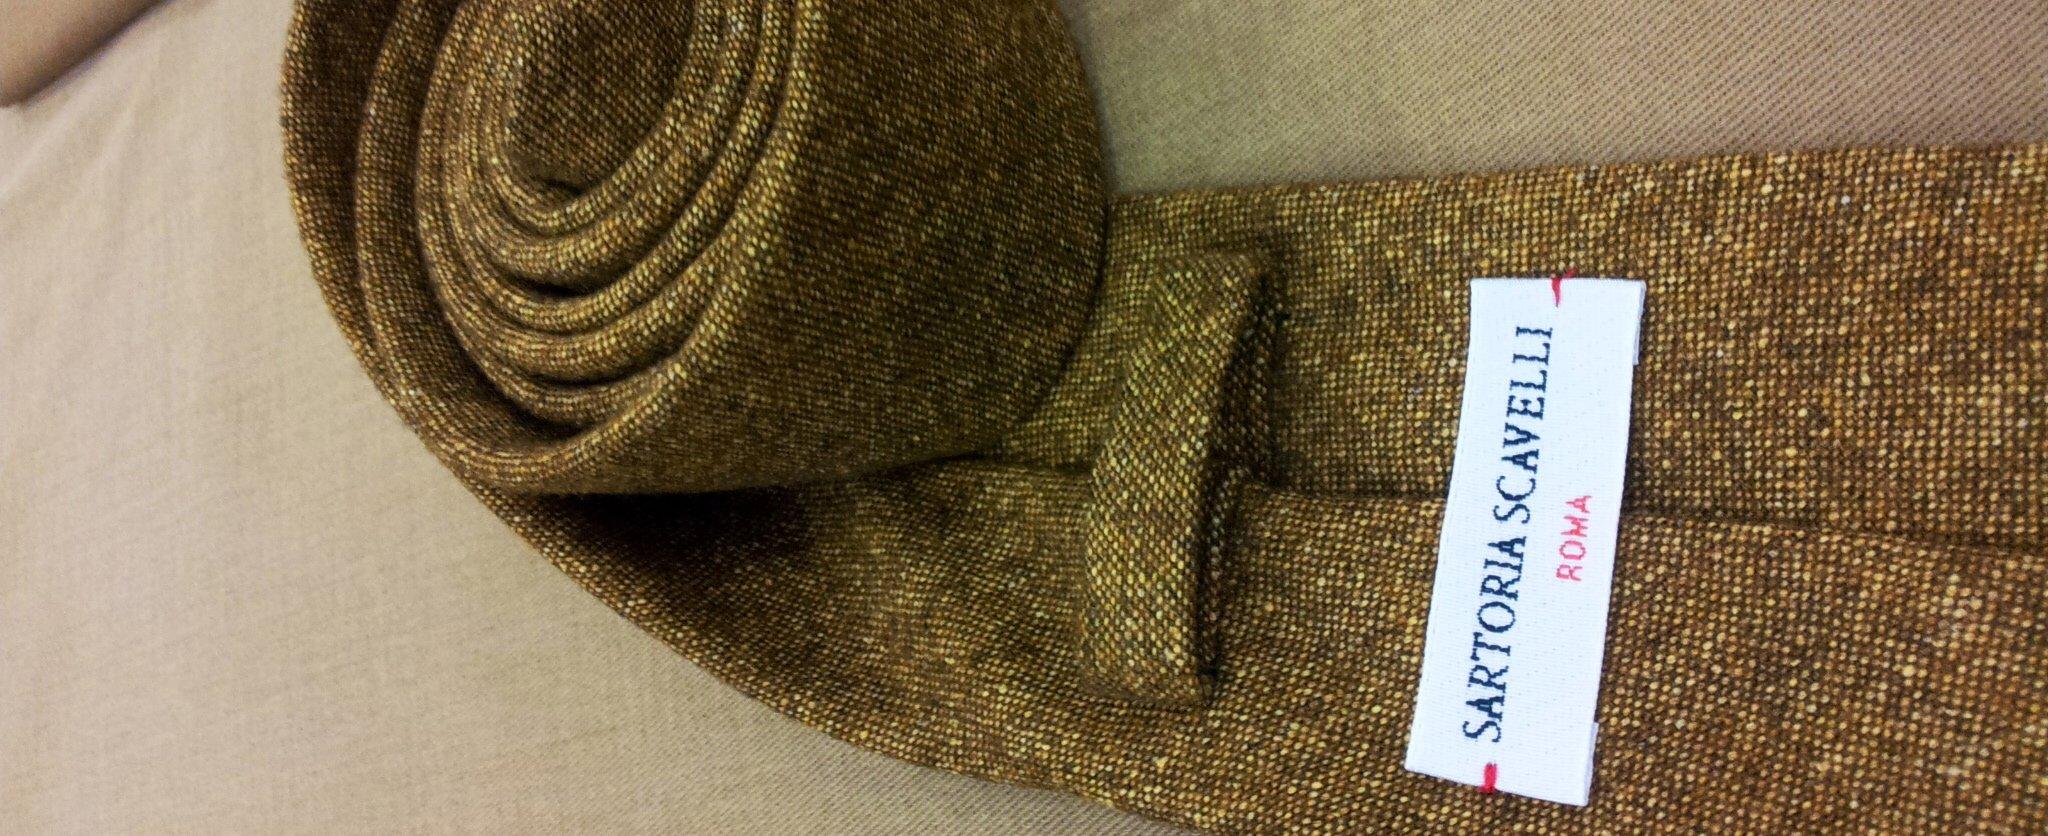 Cravatte sartoriali in lana ~ Sartoria Scavelli